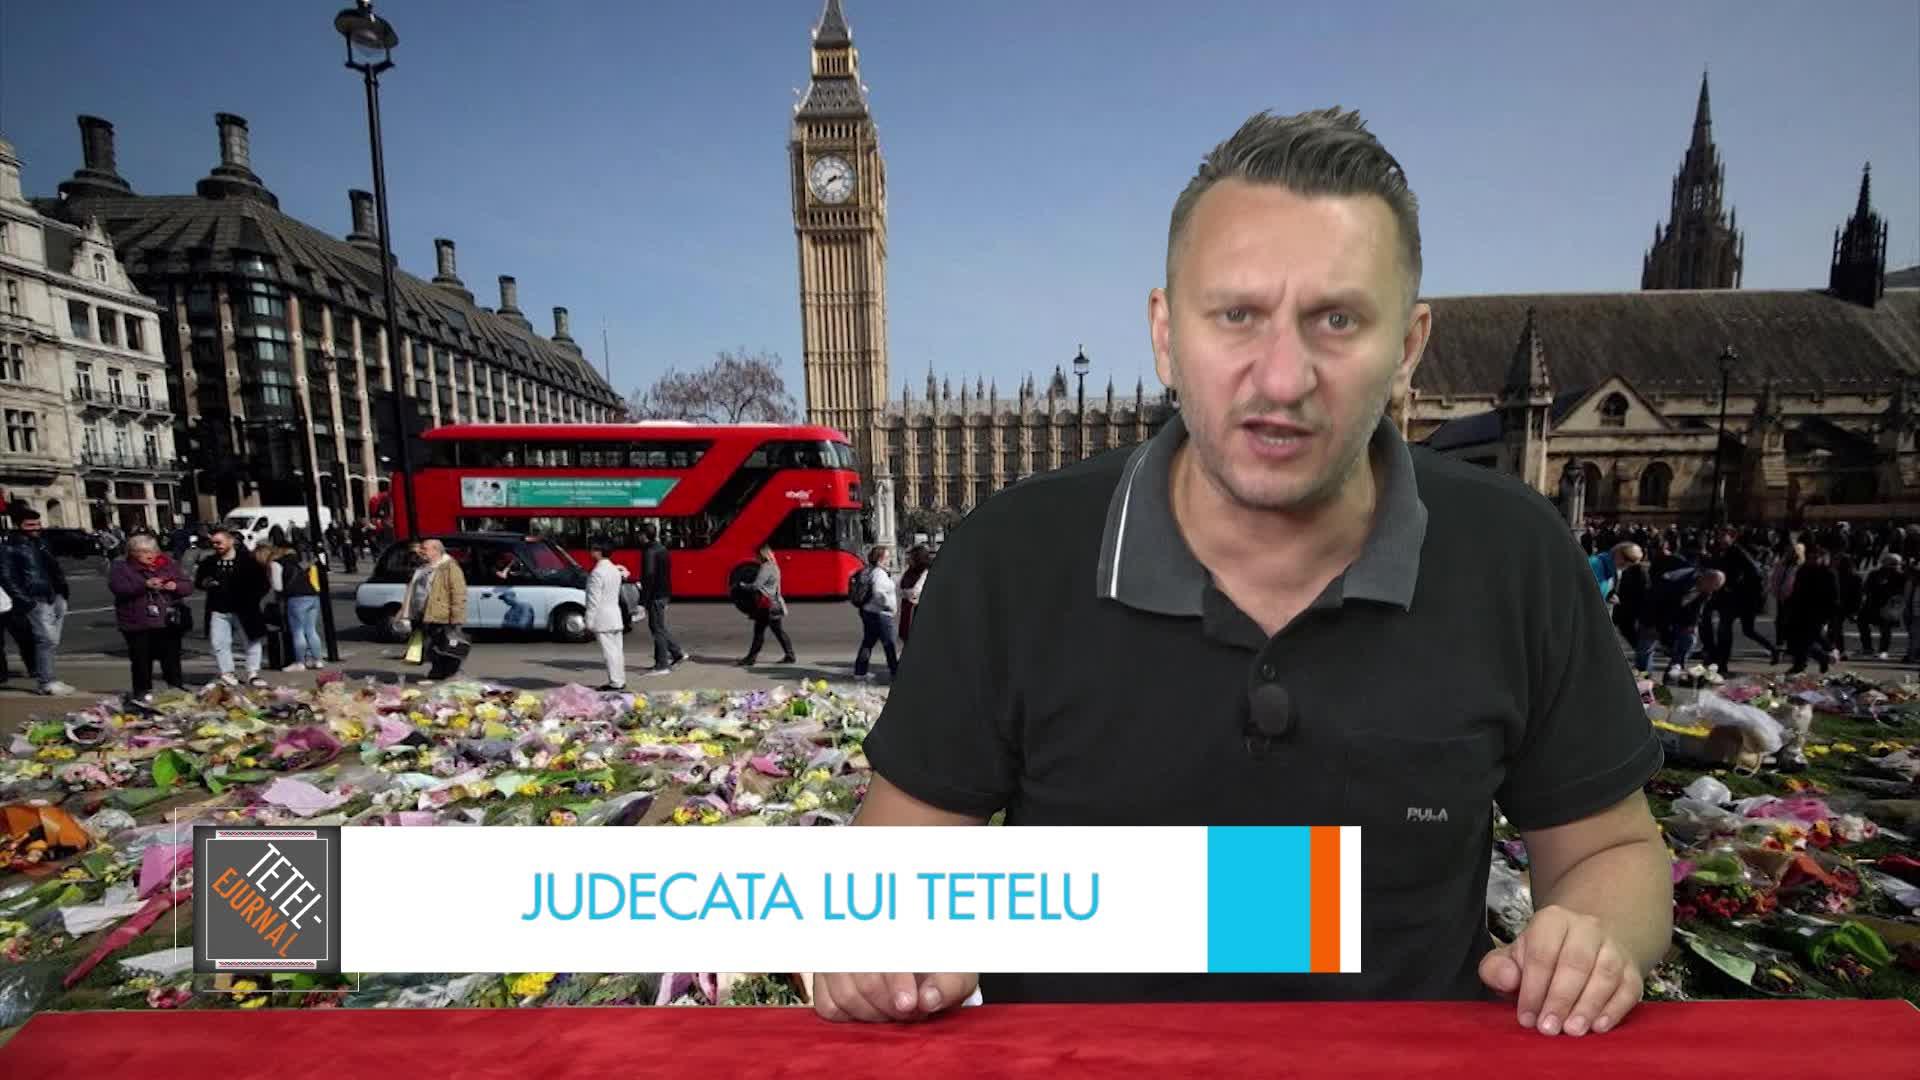 Judecata lui Tetelu: De ce e Brexitul o mare greşeală